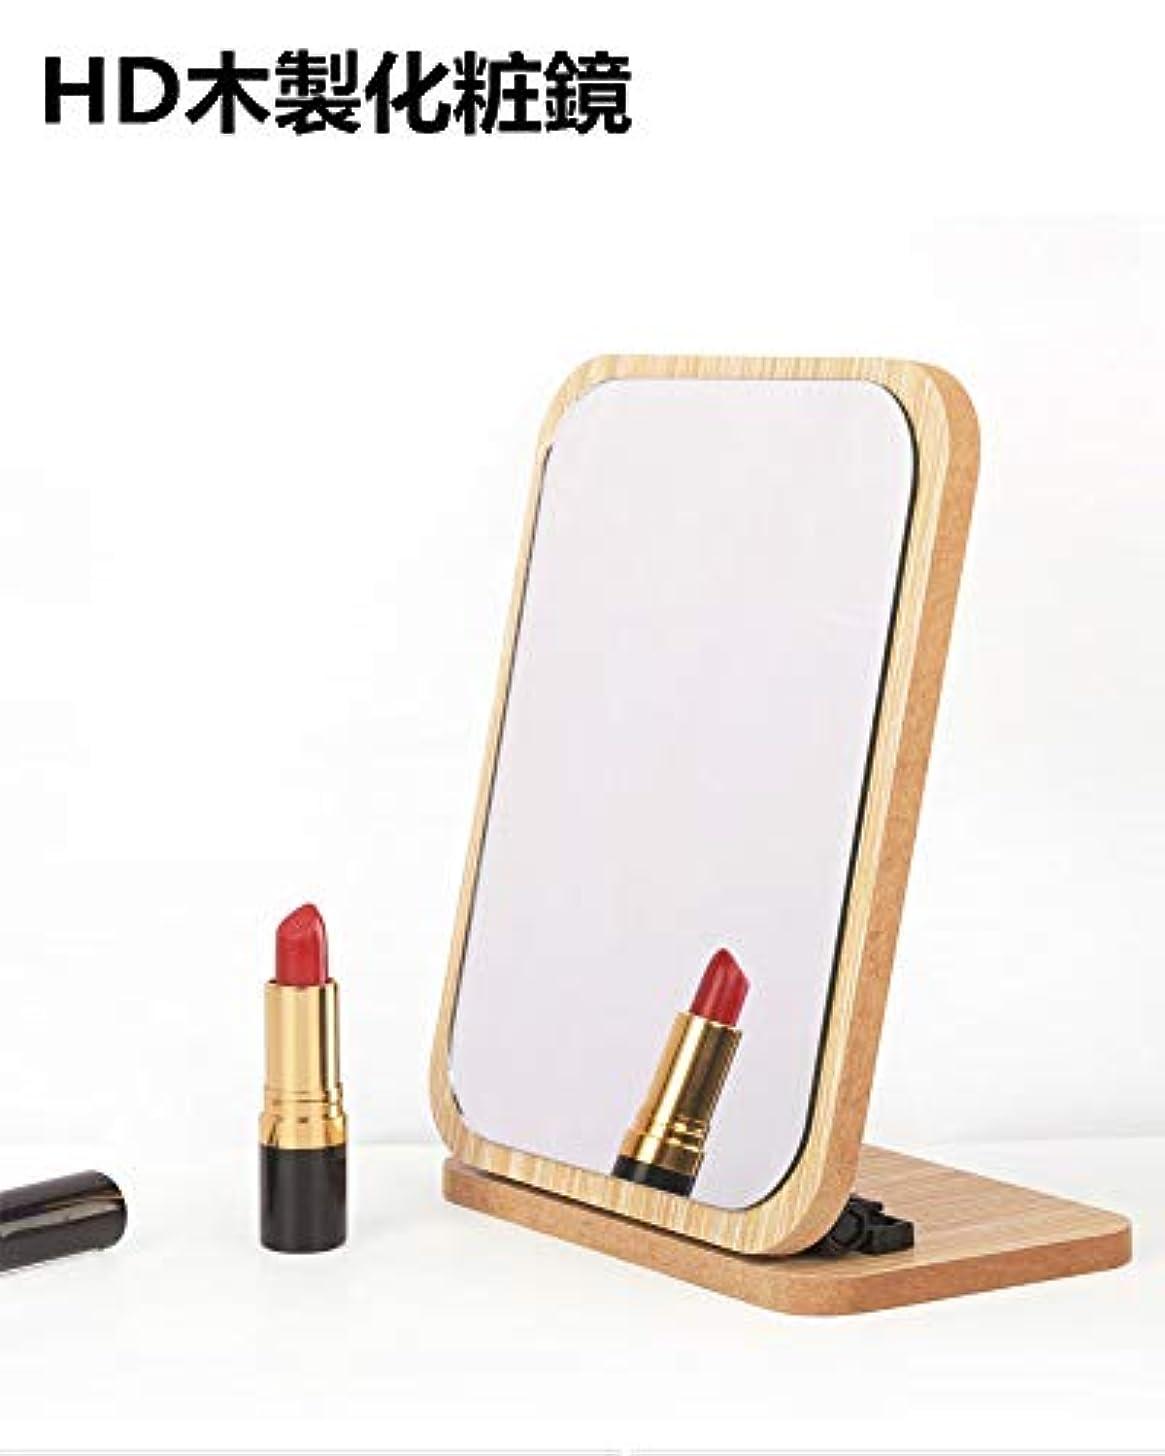 結婚する汚すハンディ鏡 卓上 化粧鏡 ウッドスタンドミラー 木目 HD木製化粧鏡 90度回転 角度調整 折りたたみ式